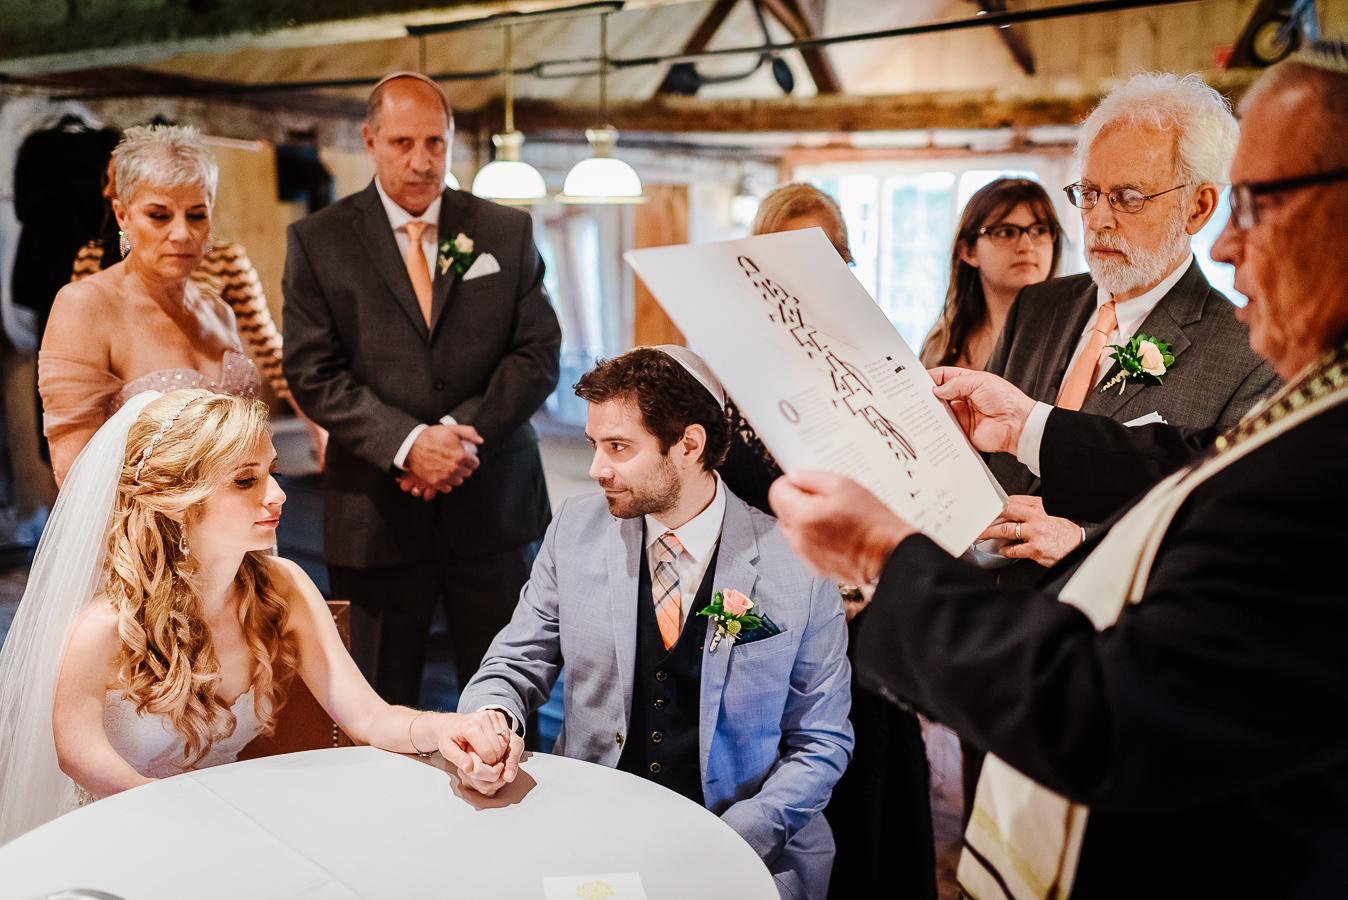 Stylish Crossed Keys Inn Wedding Crossed Keys Wedding Crossed Keys Inn Andover NJ Longbrook Photography-32.jpg